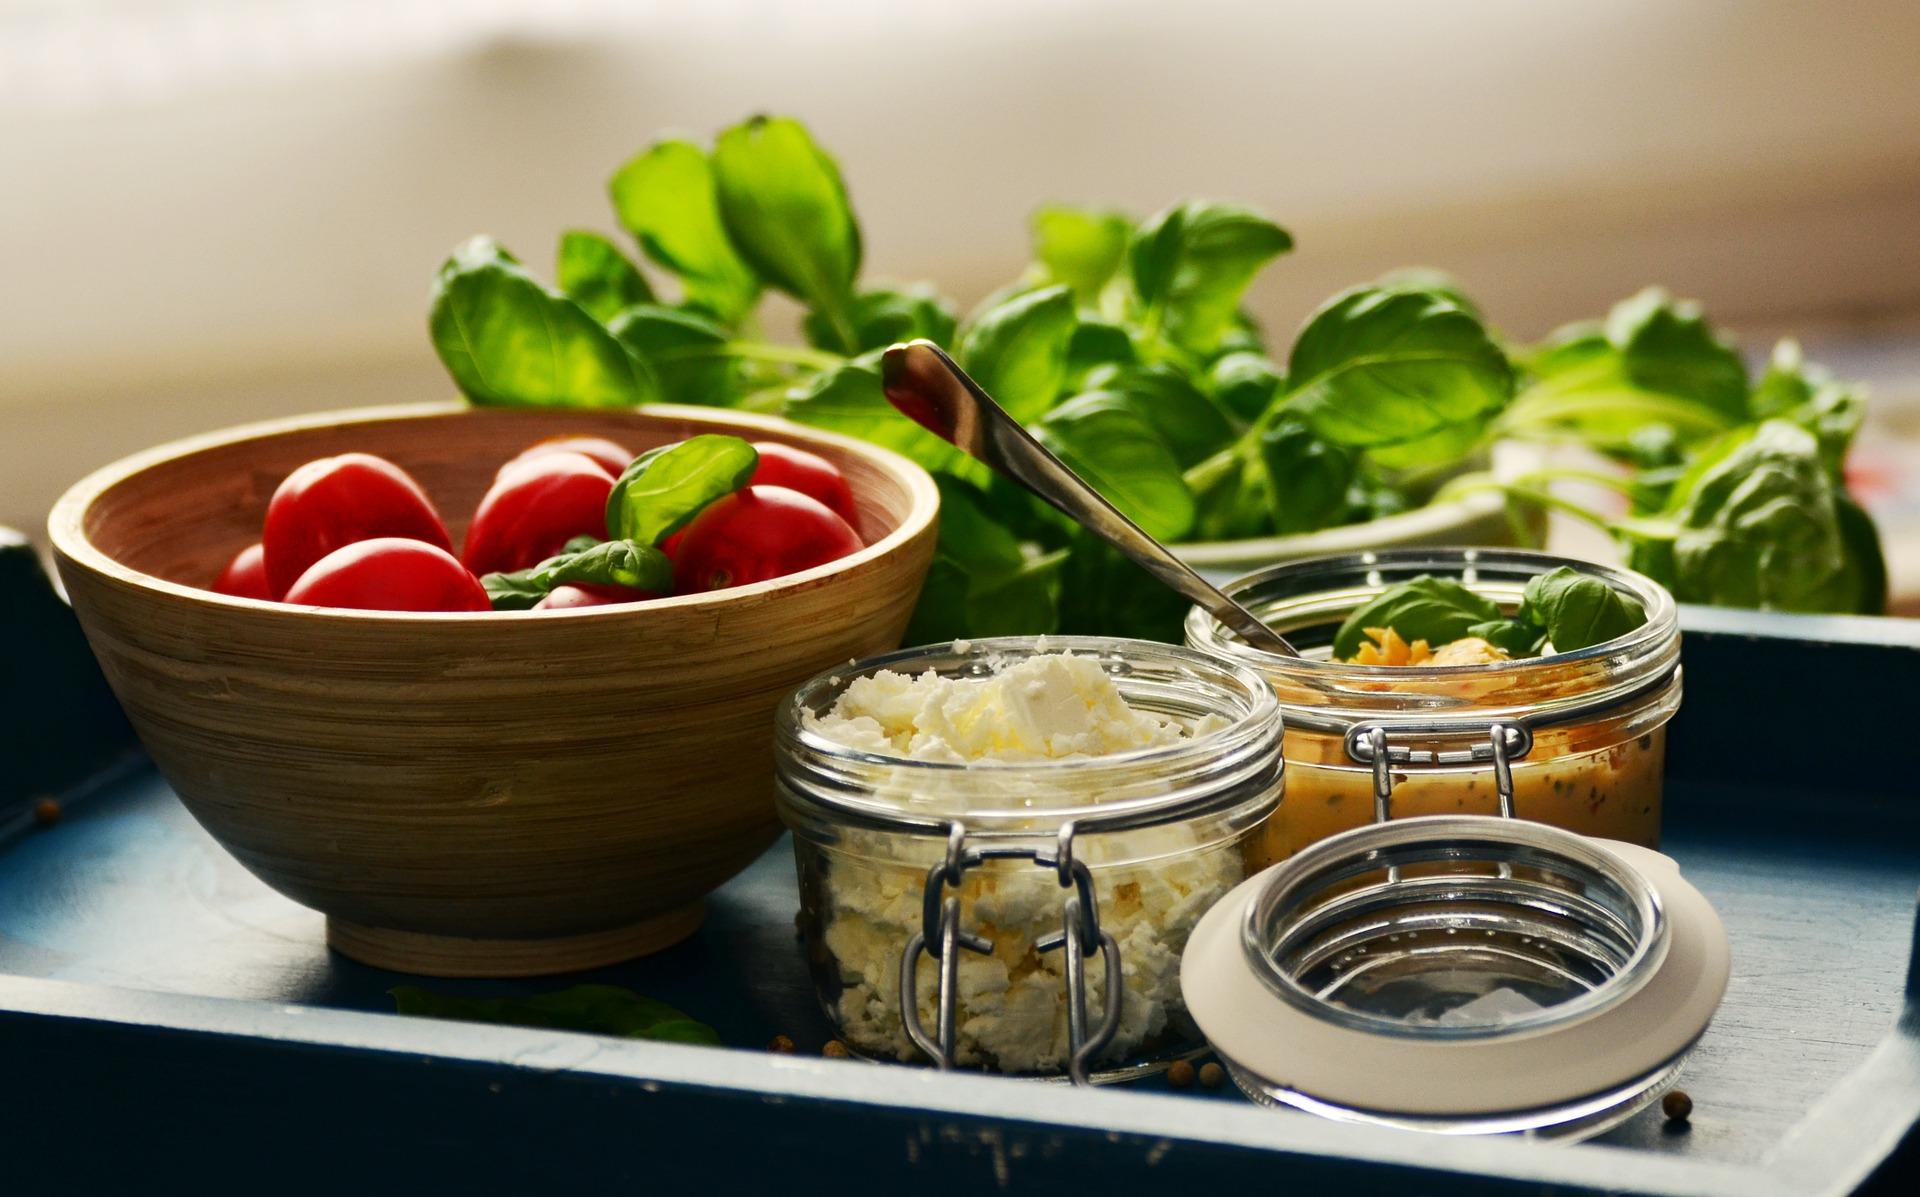 Vitamini i minerali za štitnjaču